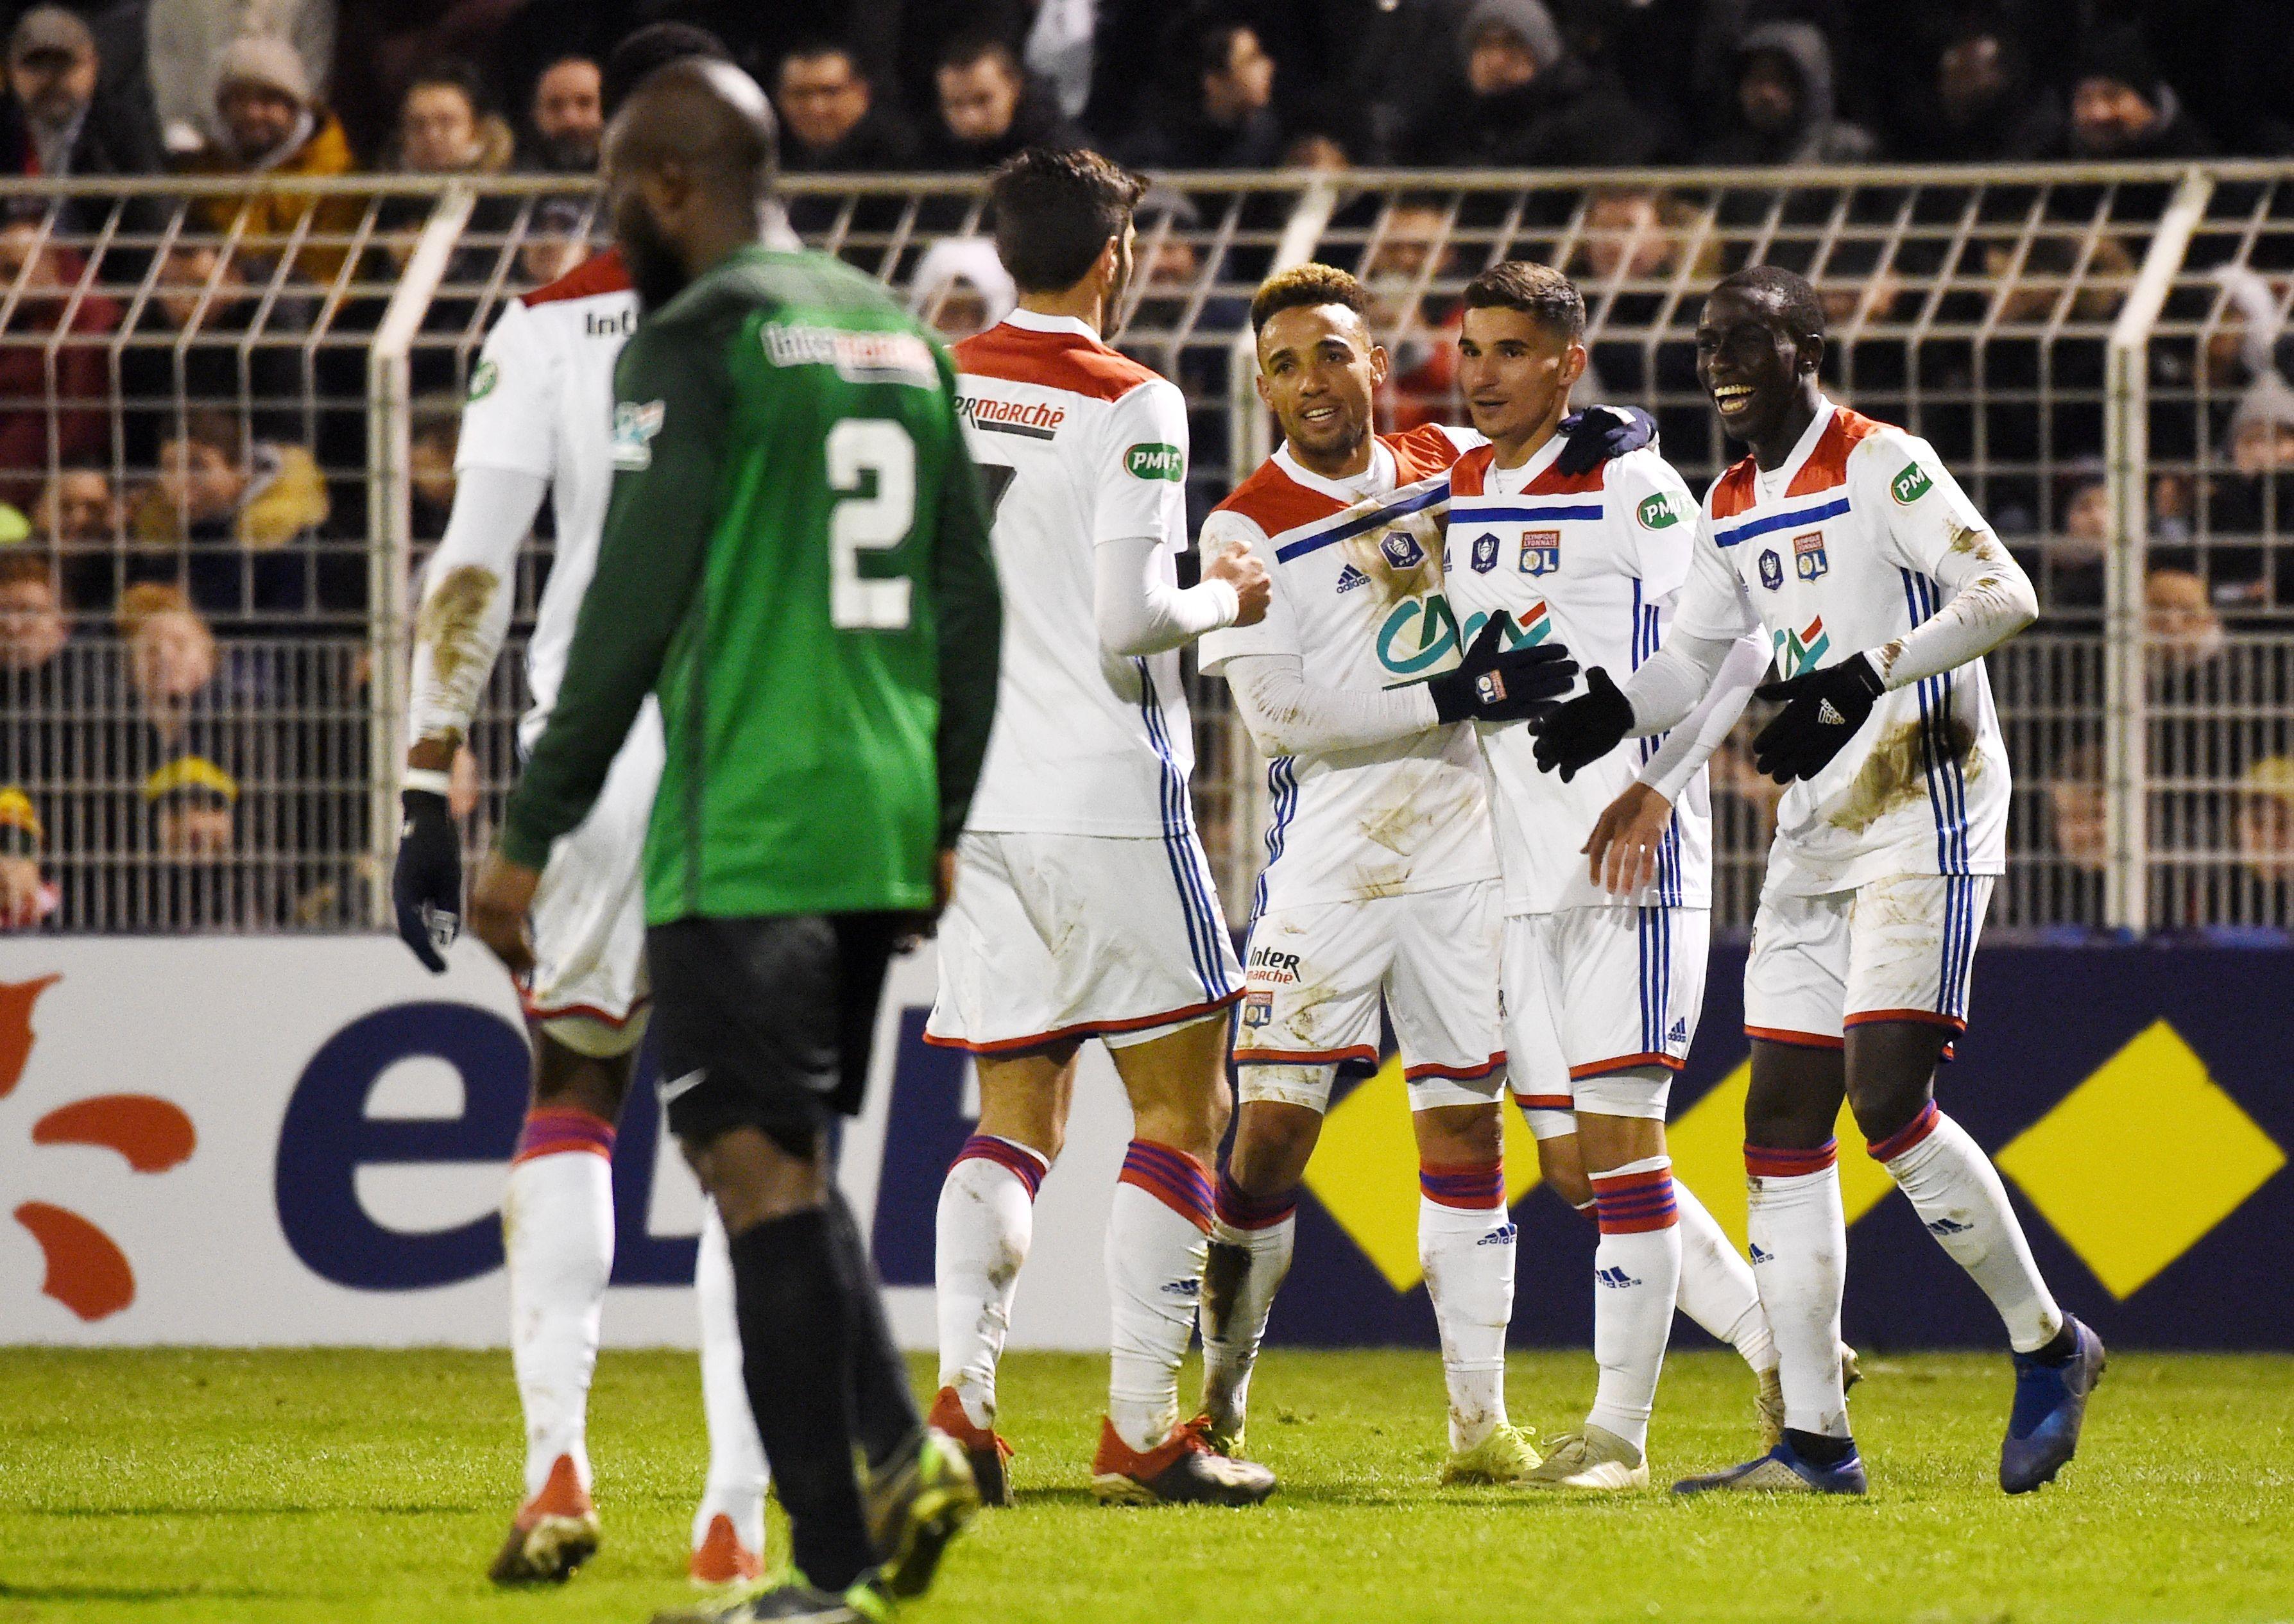 Les joueurs de l'OL célèbrent un but face à Bourges / Coupe de France